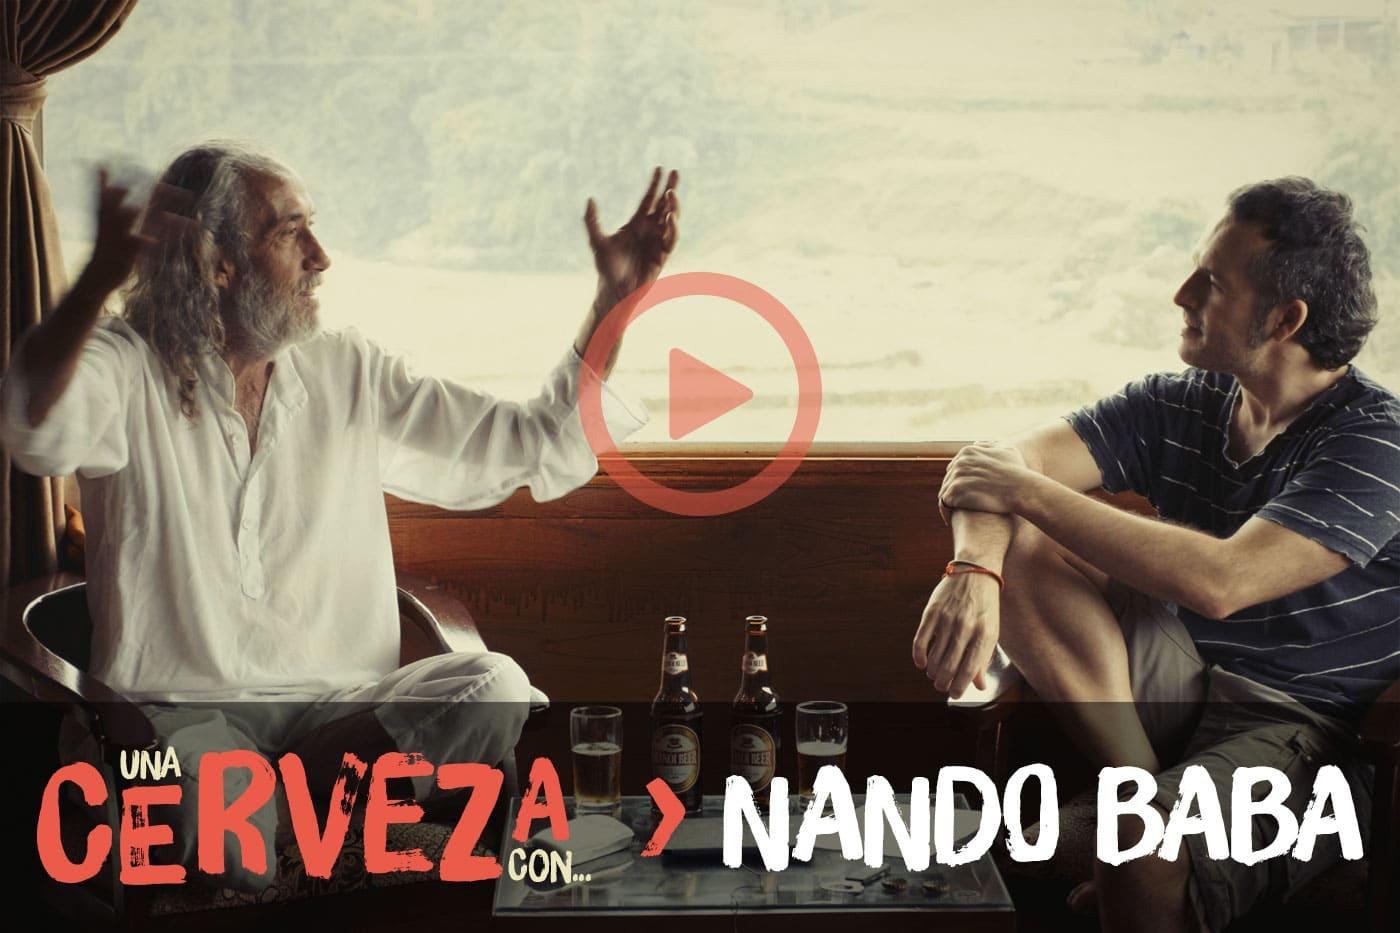 Una cerveza con... Nando Baba (5)